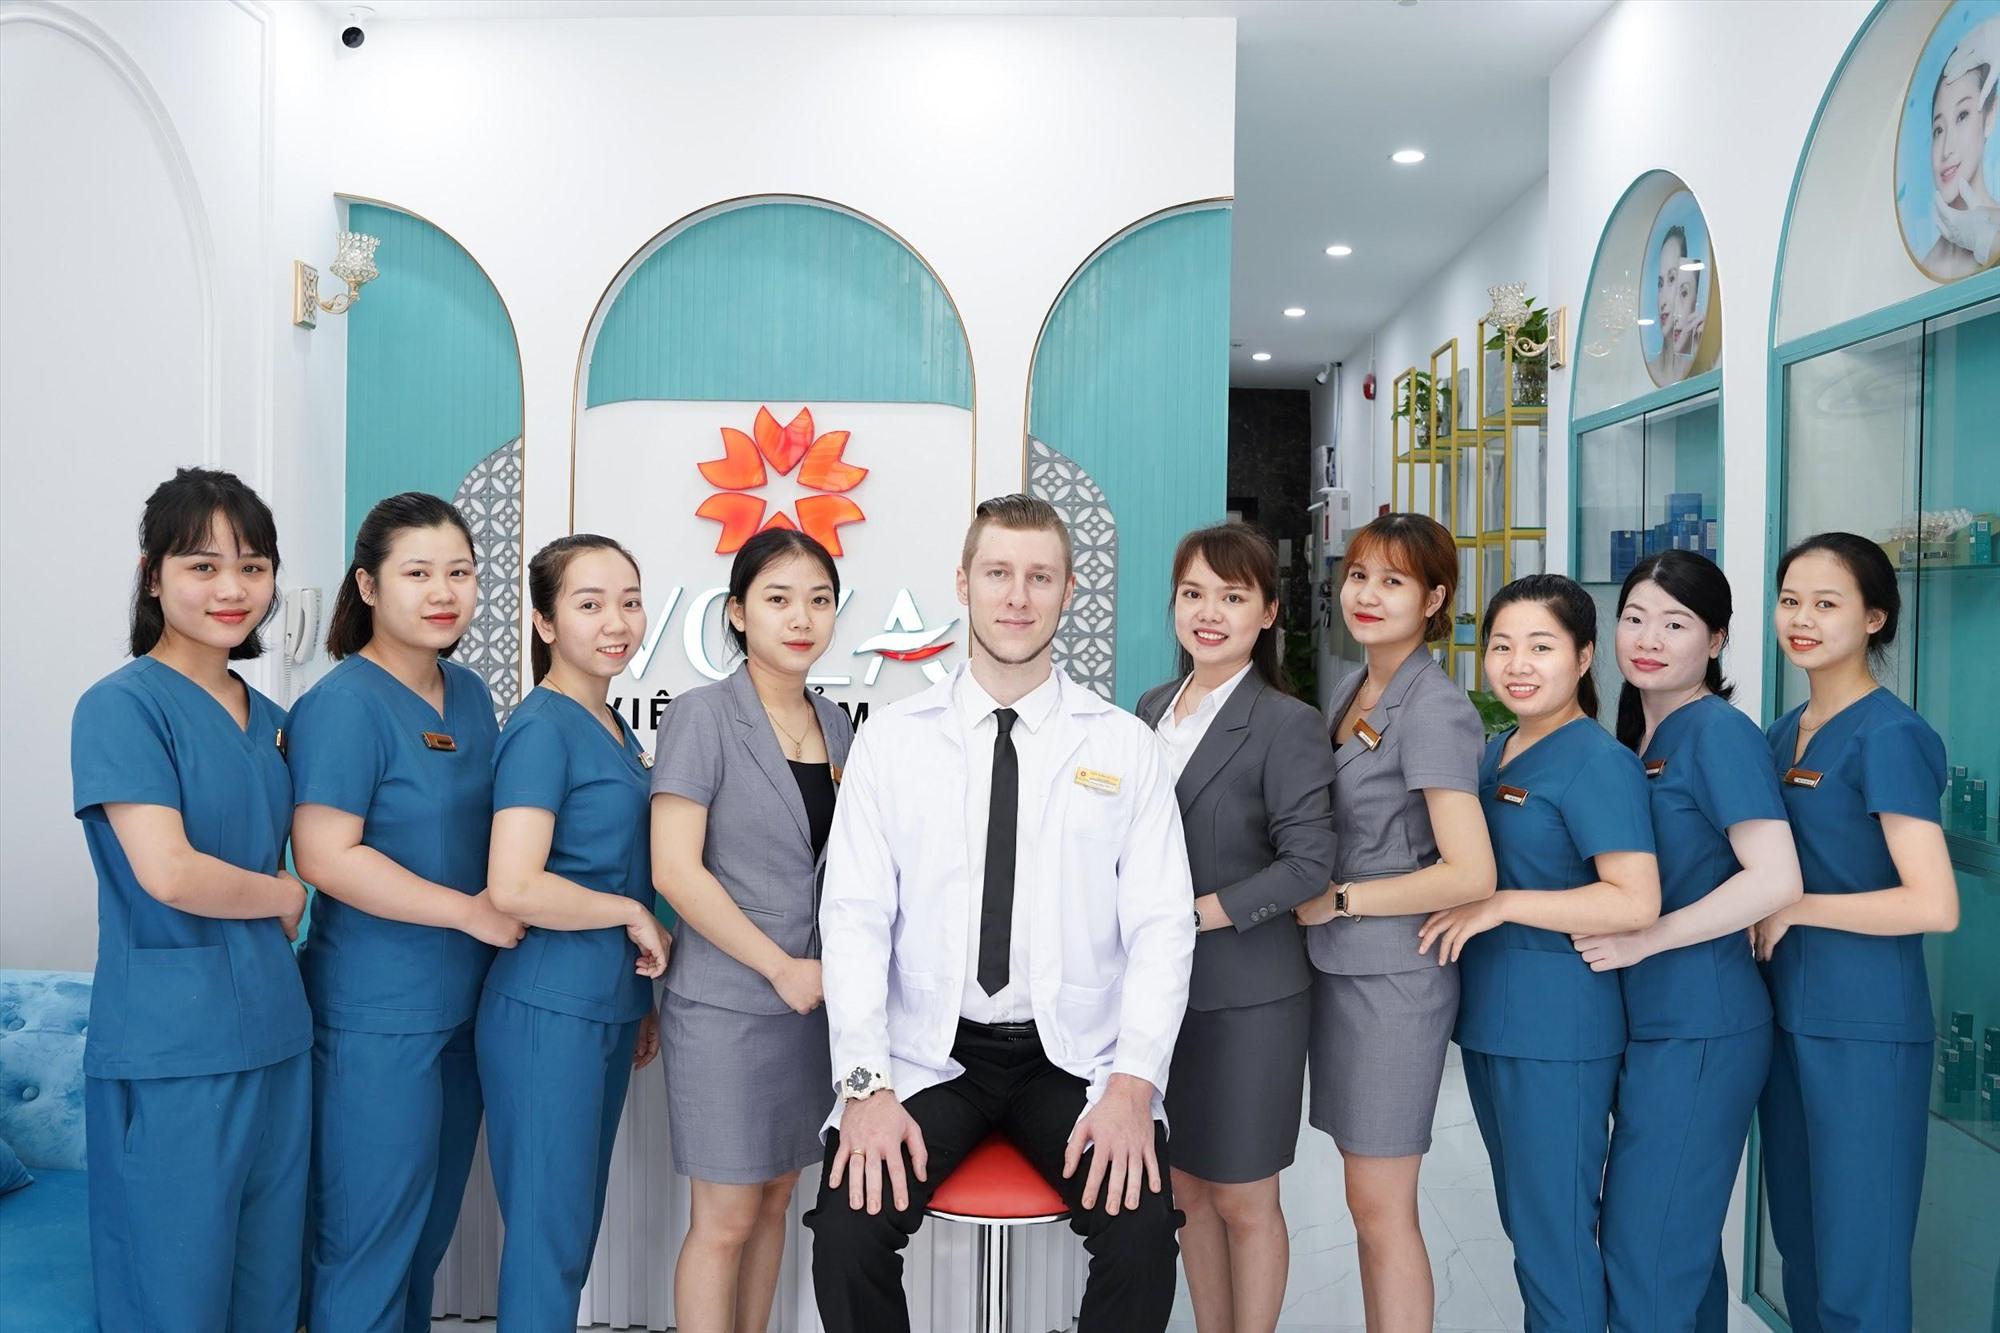 Viện thẩm mỹ Voza - thiên đường làm đẹp cho phái đẹp Việt